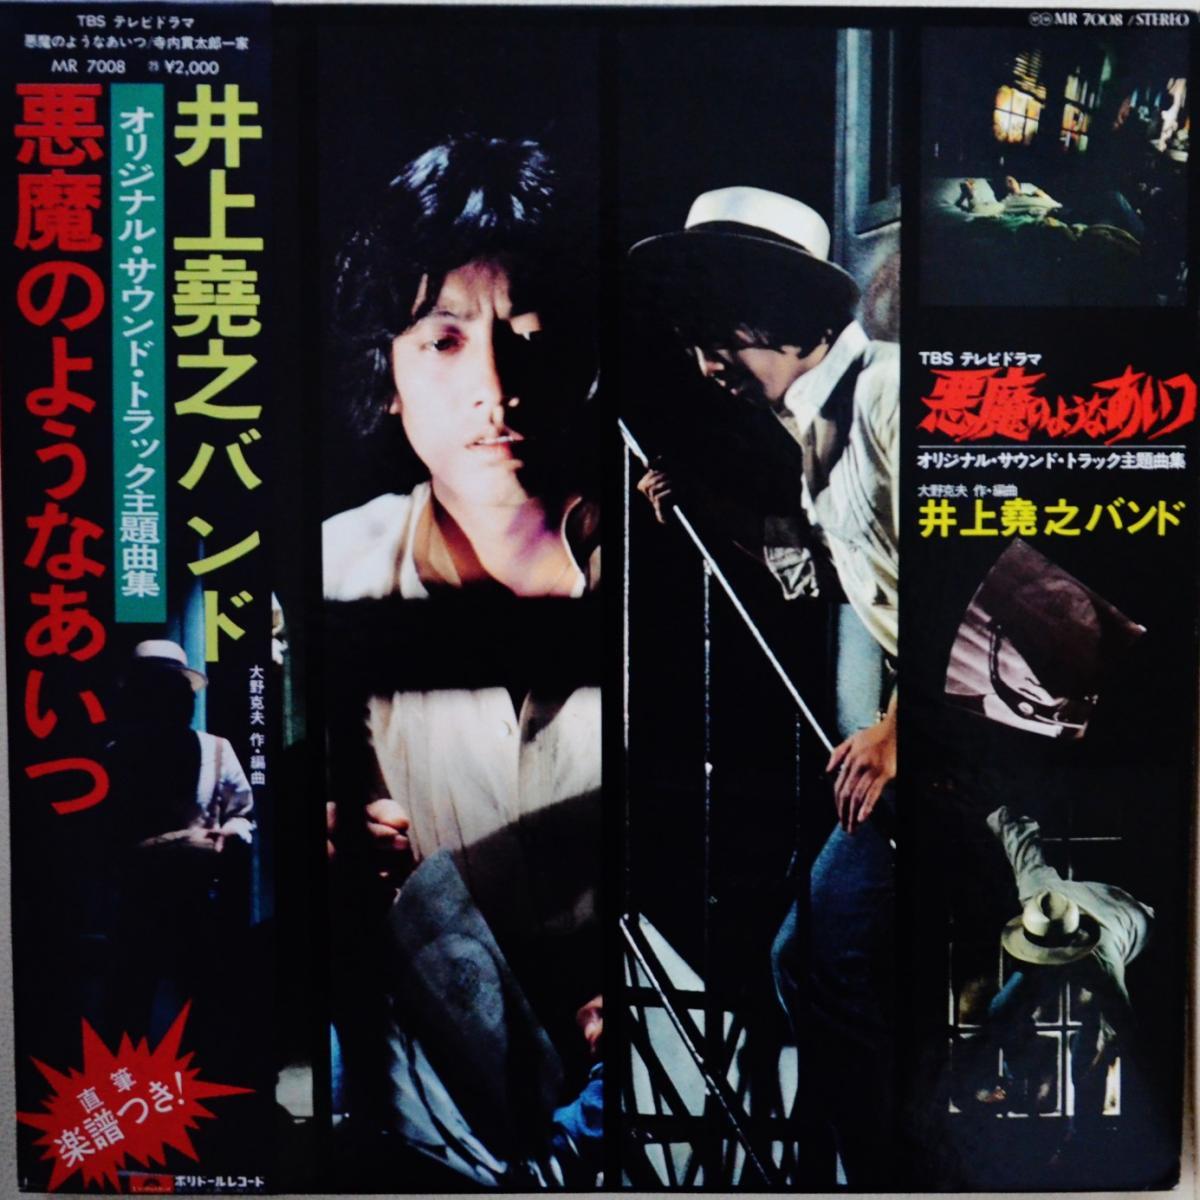 井上堯之バンドの画像 p1_39